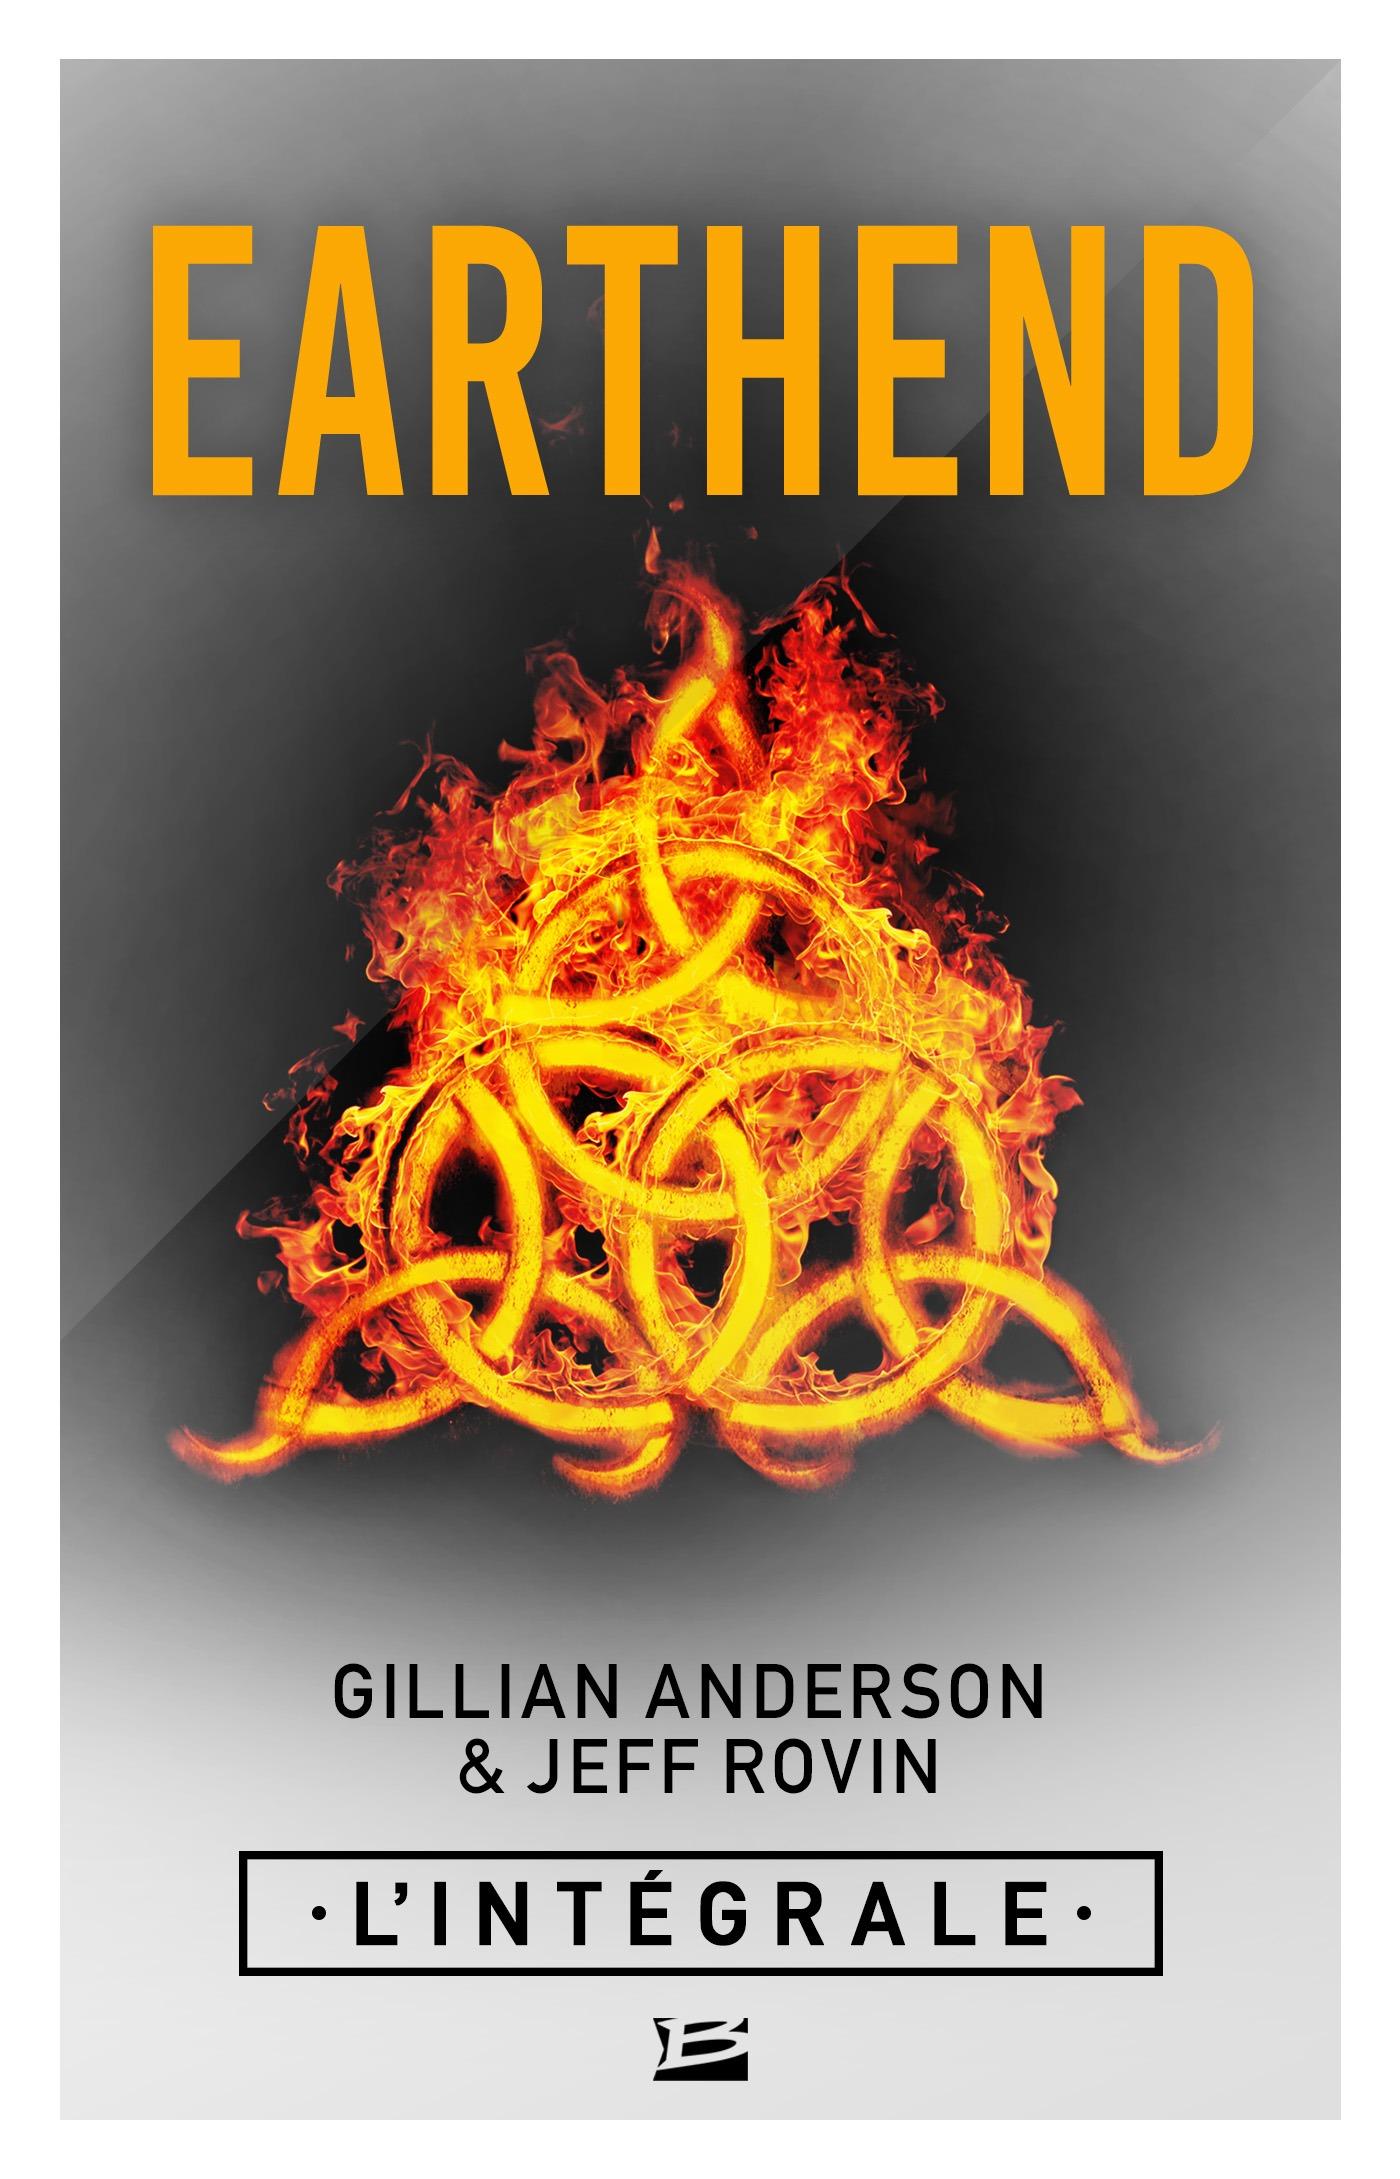 Earthend - L'Intégrale